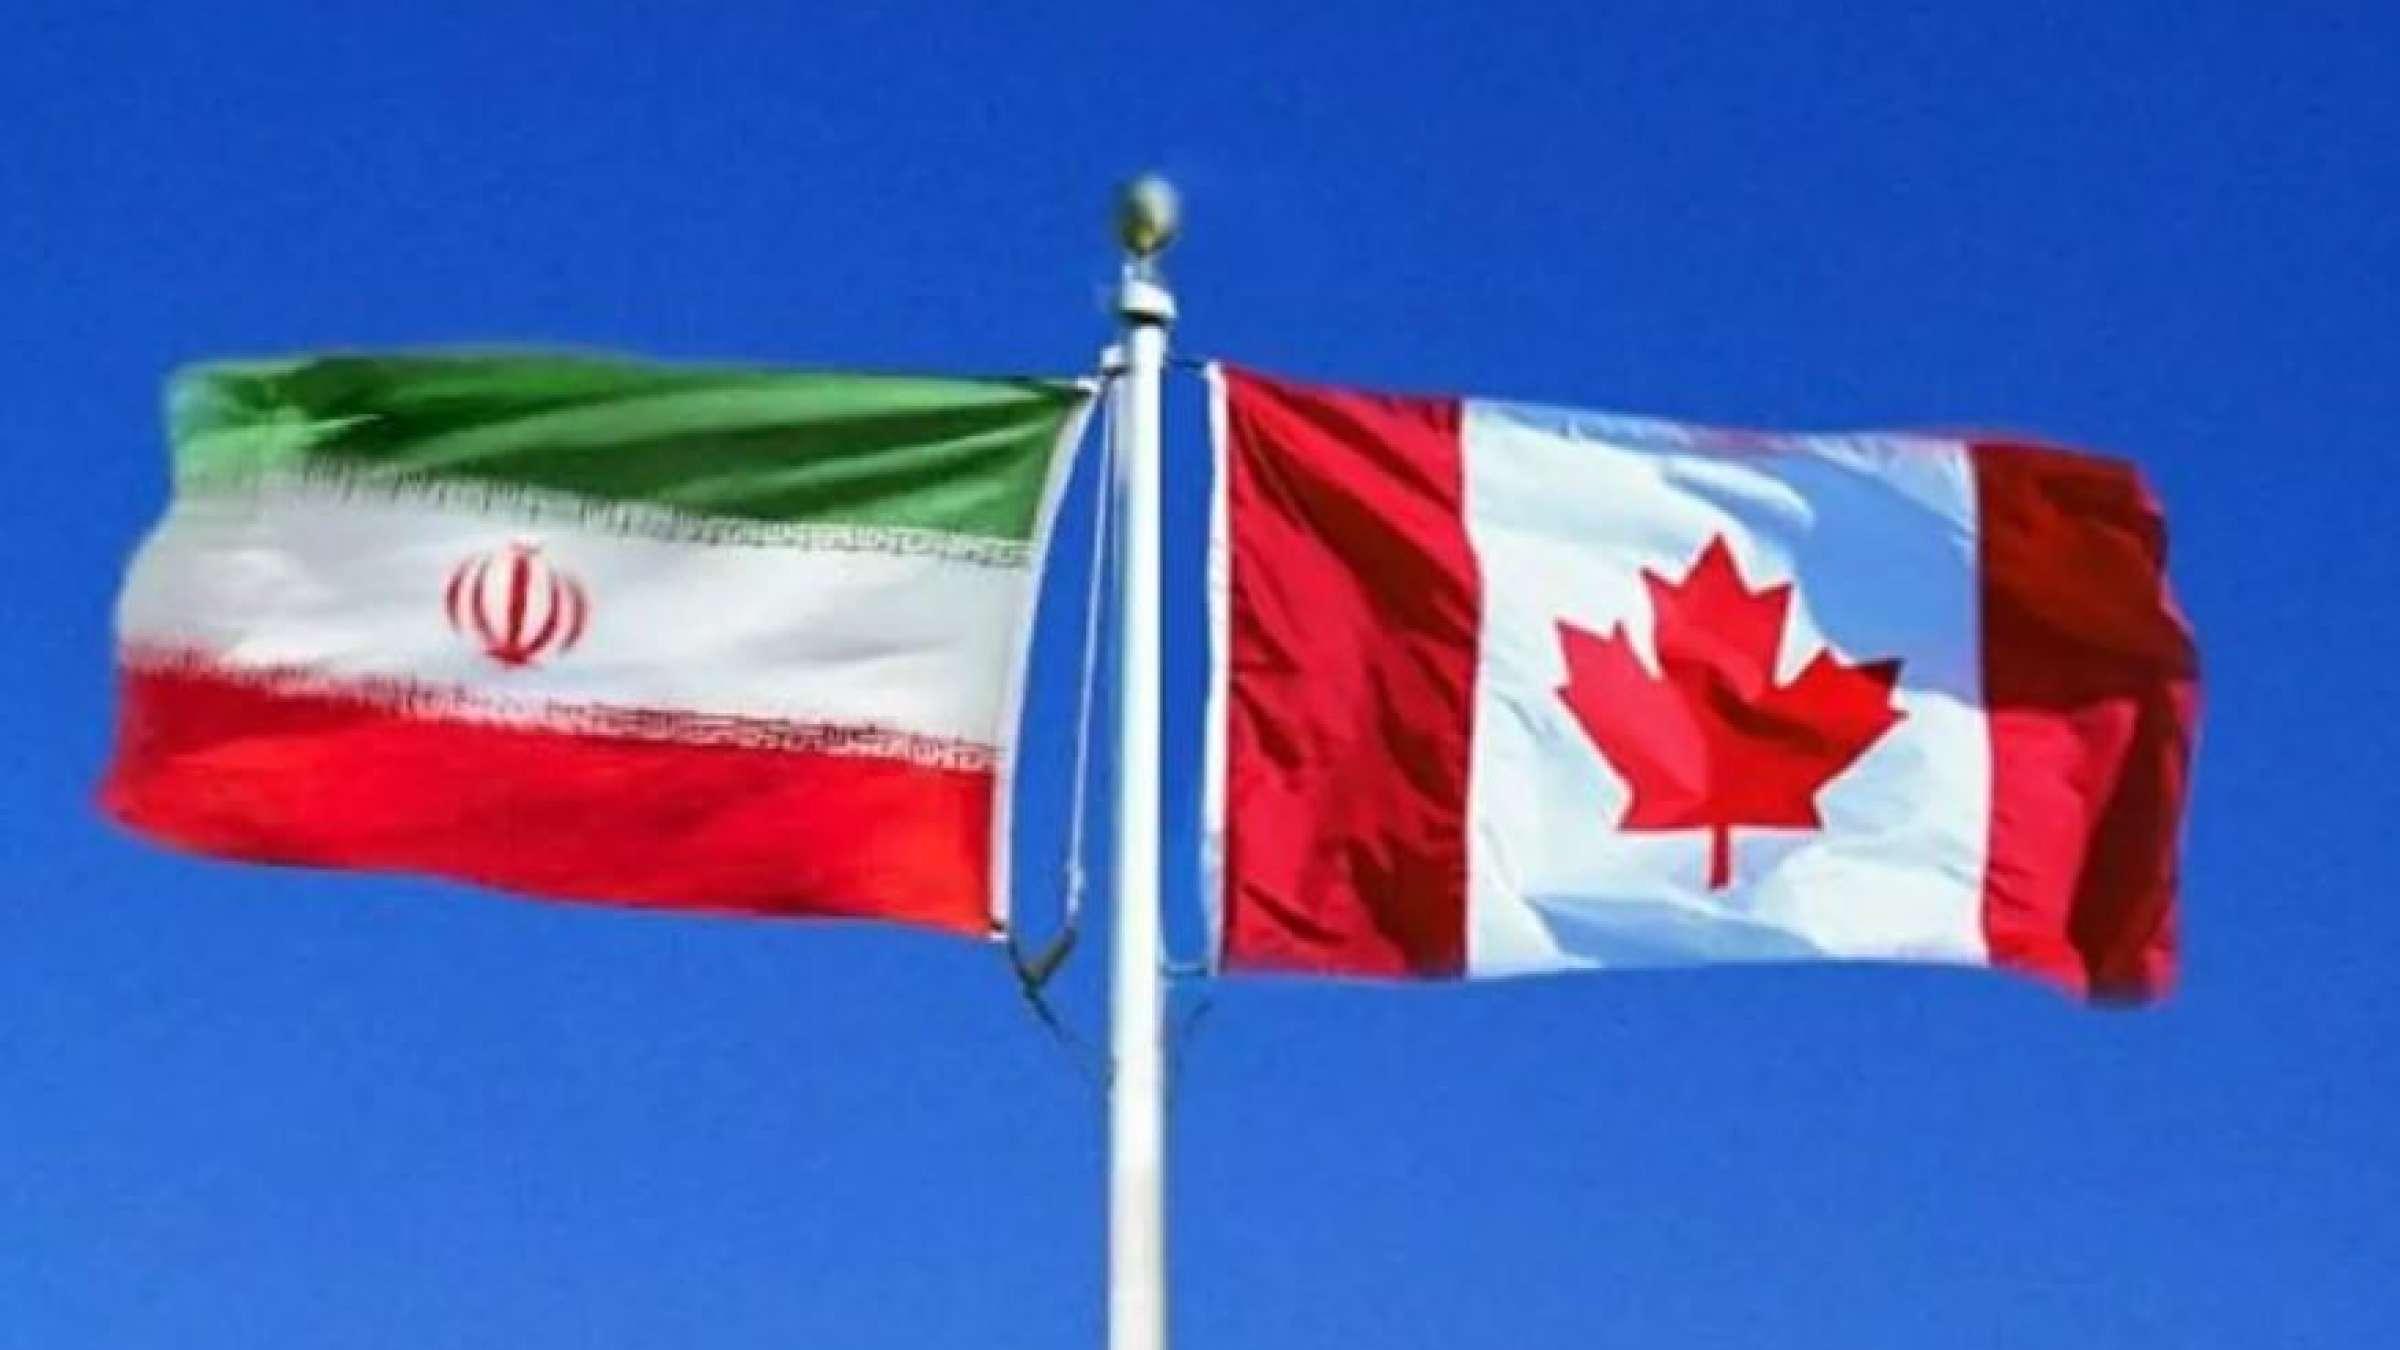 خزان-روابط-سیاسی-ایران-و-کانادا-به-اوج-رسید-انتقاد-های-چند-مقام-جمهوری- اسلامی-از-نقش-کانادا-در-پرونده-های-هواپیما-اوکراینی-و-محمود-خاوری